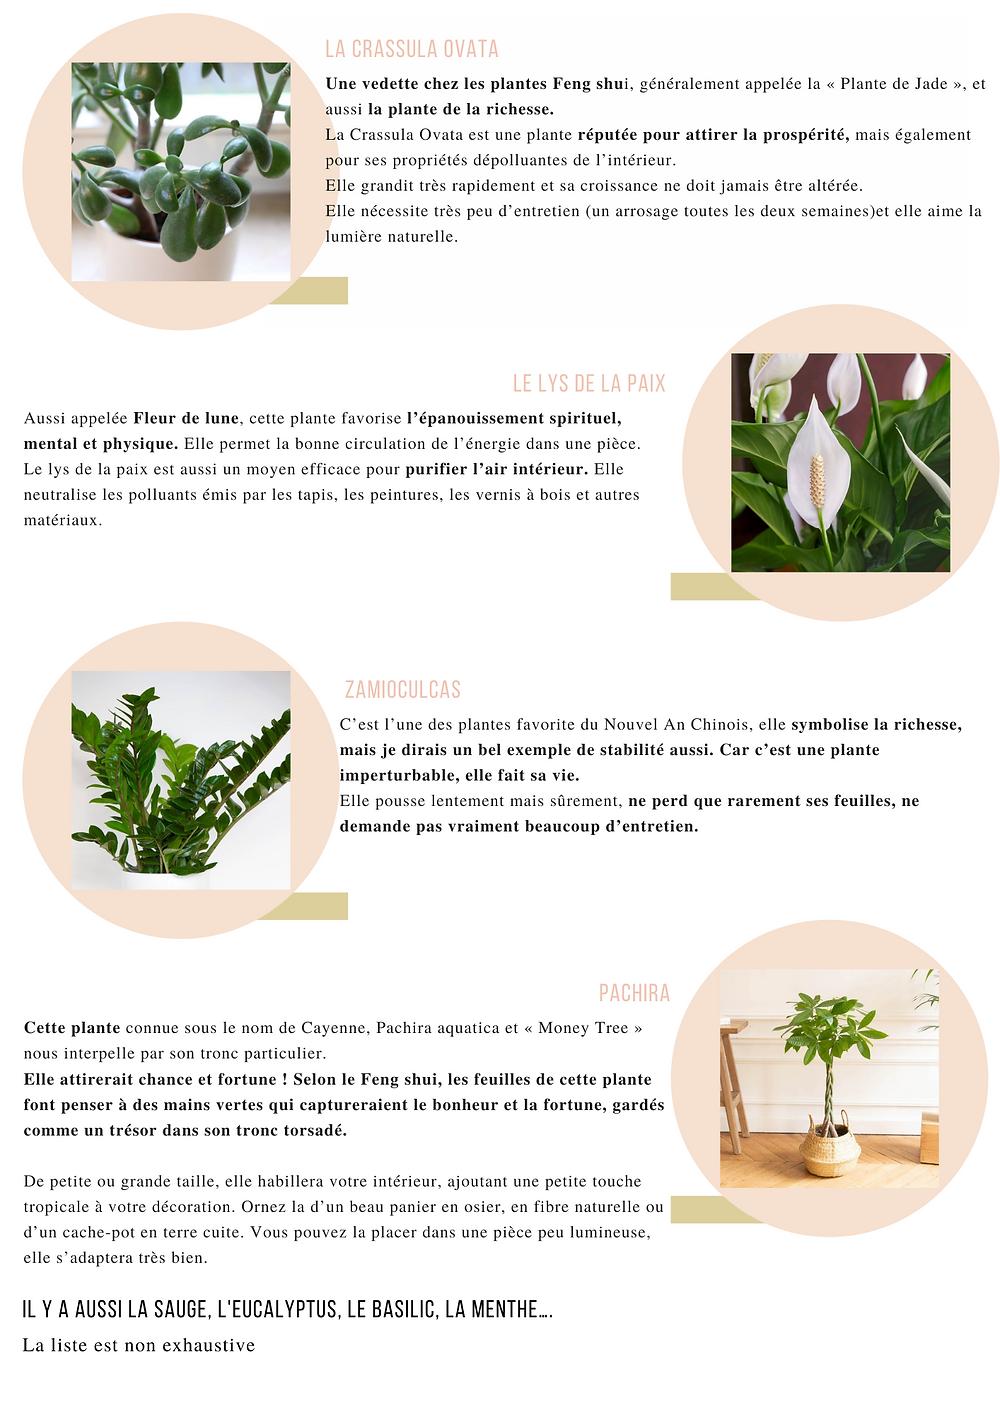 Crassula Ovata Une vedette chez les plantes Feng shui, généralement appelée la « Plante de Jade », et aussi la plante de la richesse. La Crassula Ovata est une plante réputée pour attirer la prospérité, mais également pour ses propriétés dépolluantes de l'intérieur. Elle grandit très rapidement et sa croissance ne doit jamais être altérée. Elle nécessite très peu d'entretien (un arrosage toutes les deux semaines)et elle aime la lumière naturelle.